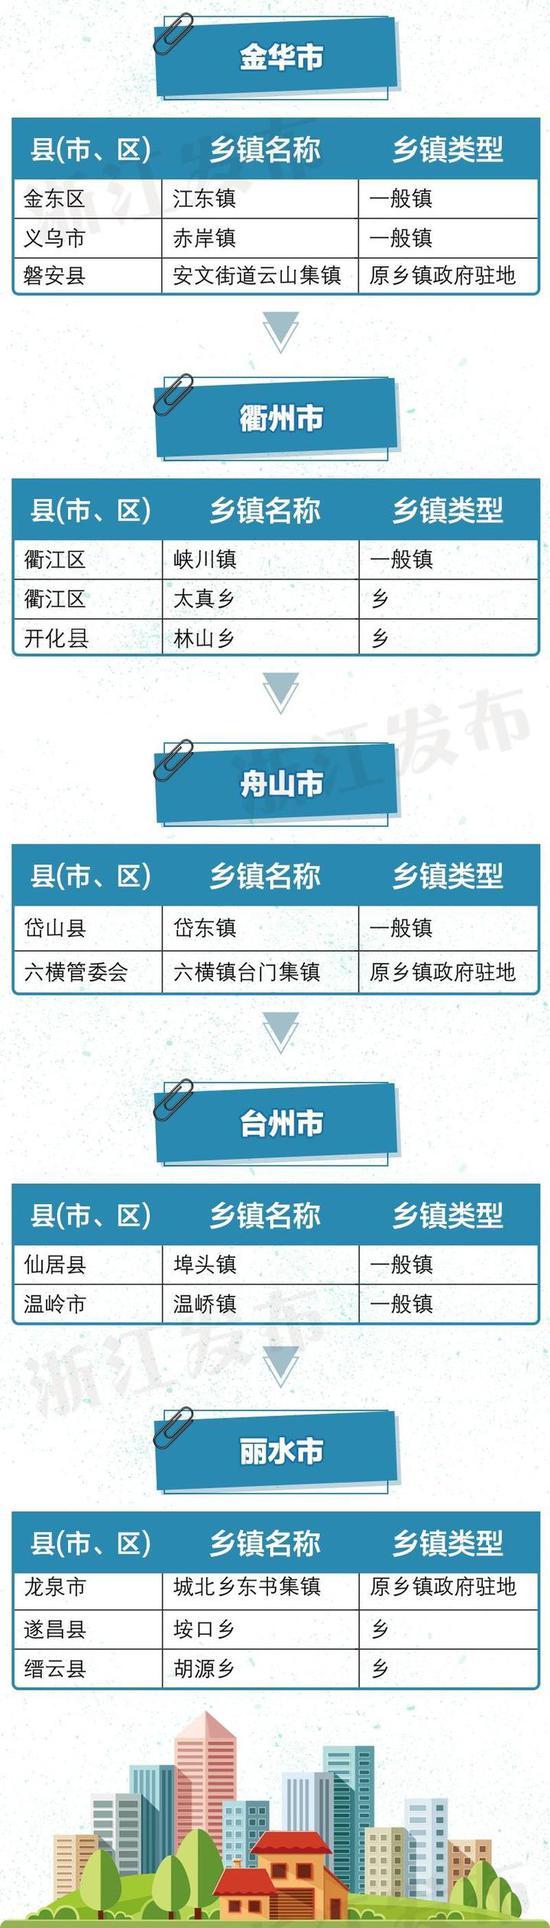 2016年9月,浙江省委、省政府谋划实施小城镇环境综合整治行动。